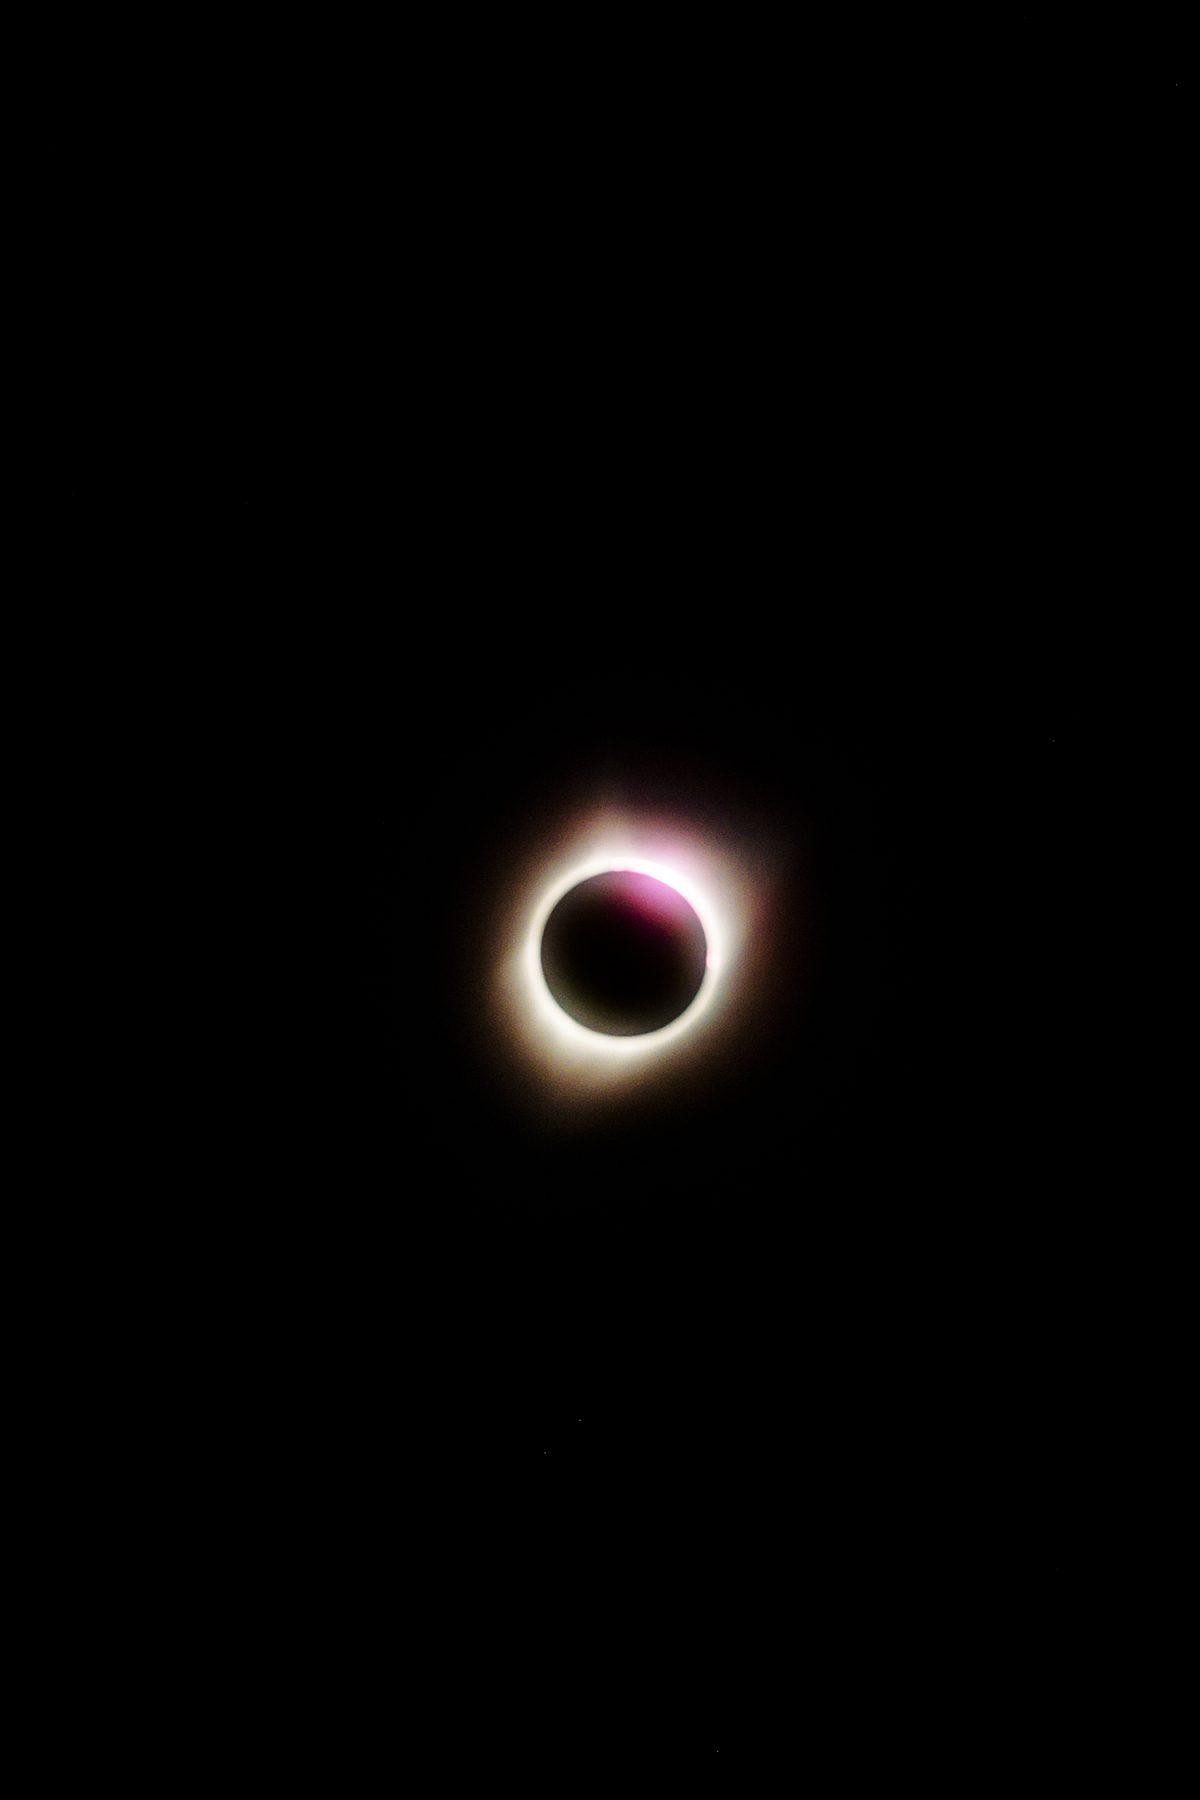 eclipse-in-casper-wyoming